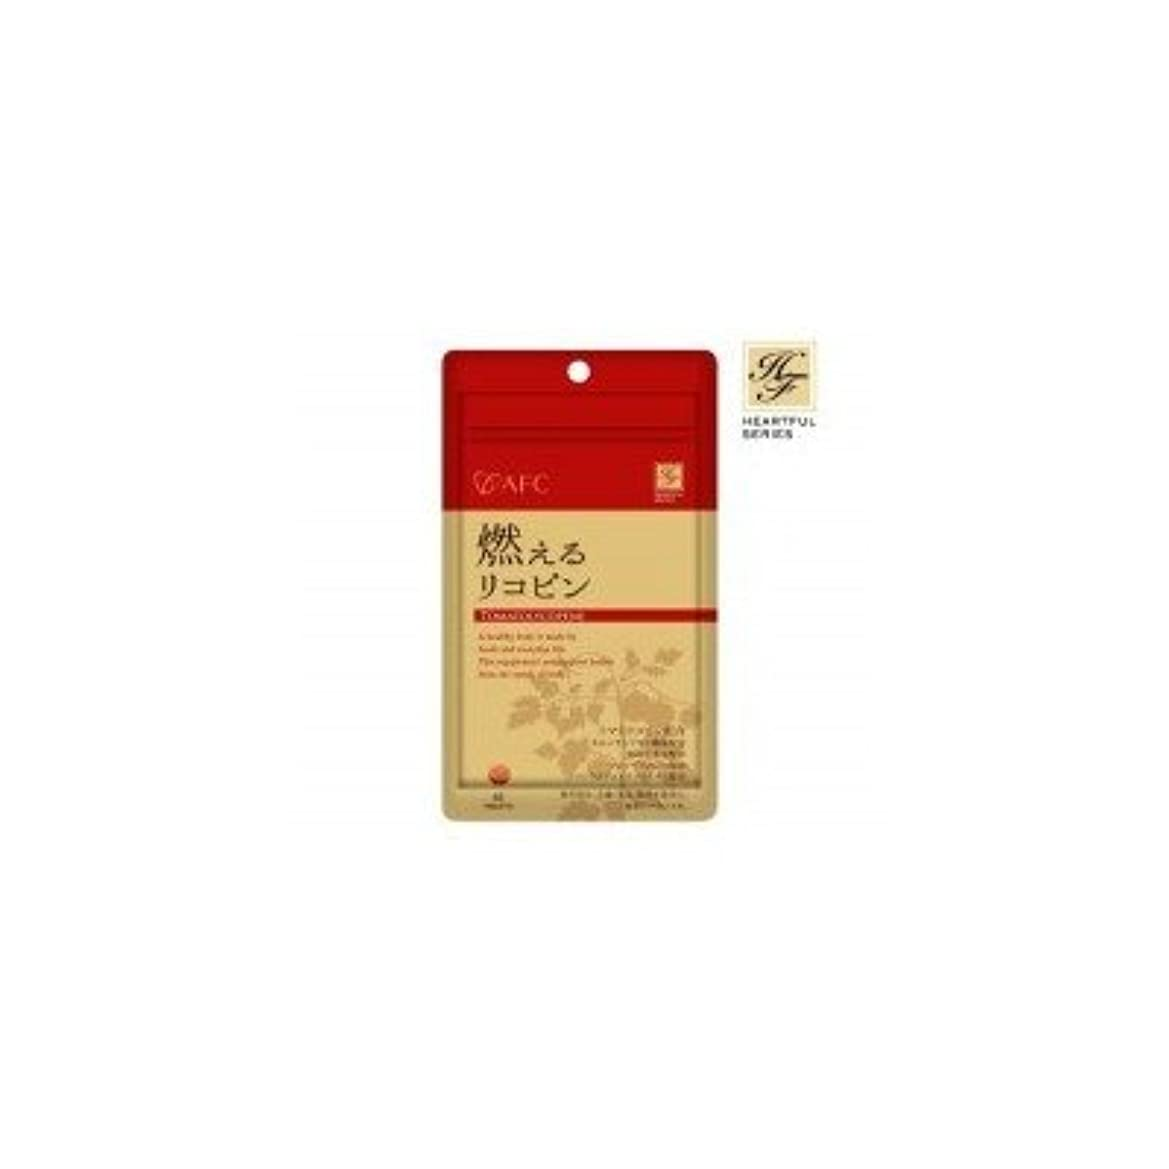 アウトドア外交僕のAFC(エーエフシー) ハートフルシリーズサプリ 燃えるリコピン HFS01×6袋 こころが溢れる健康習慣